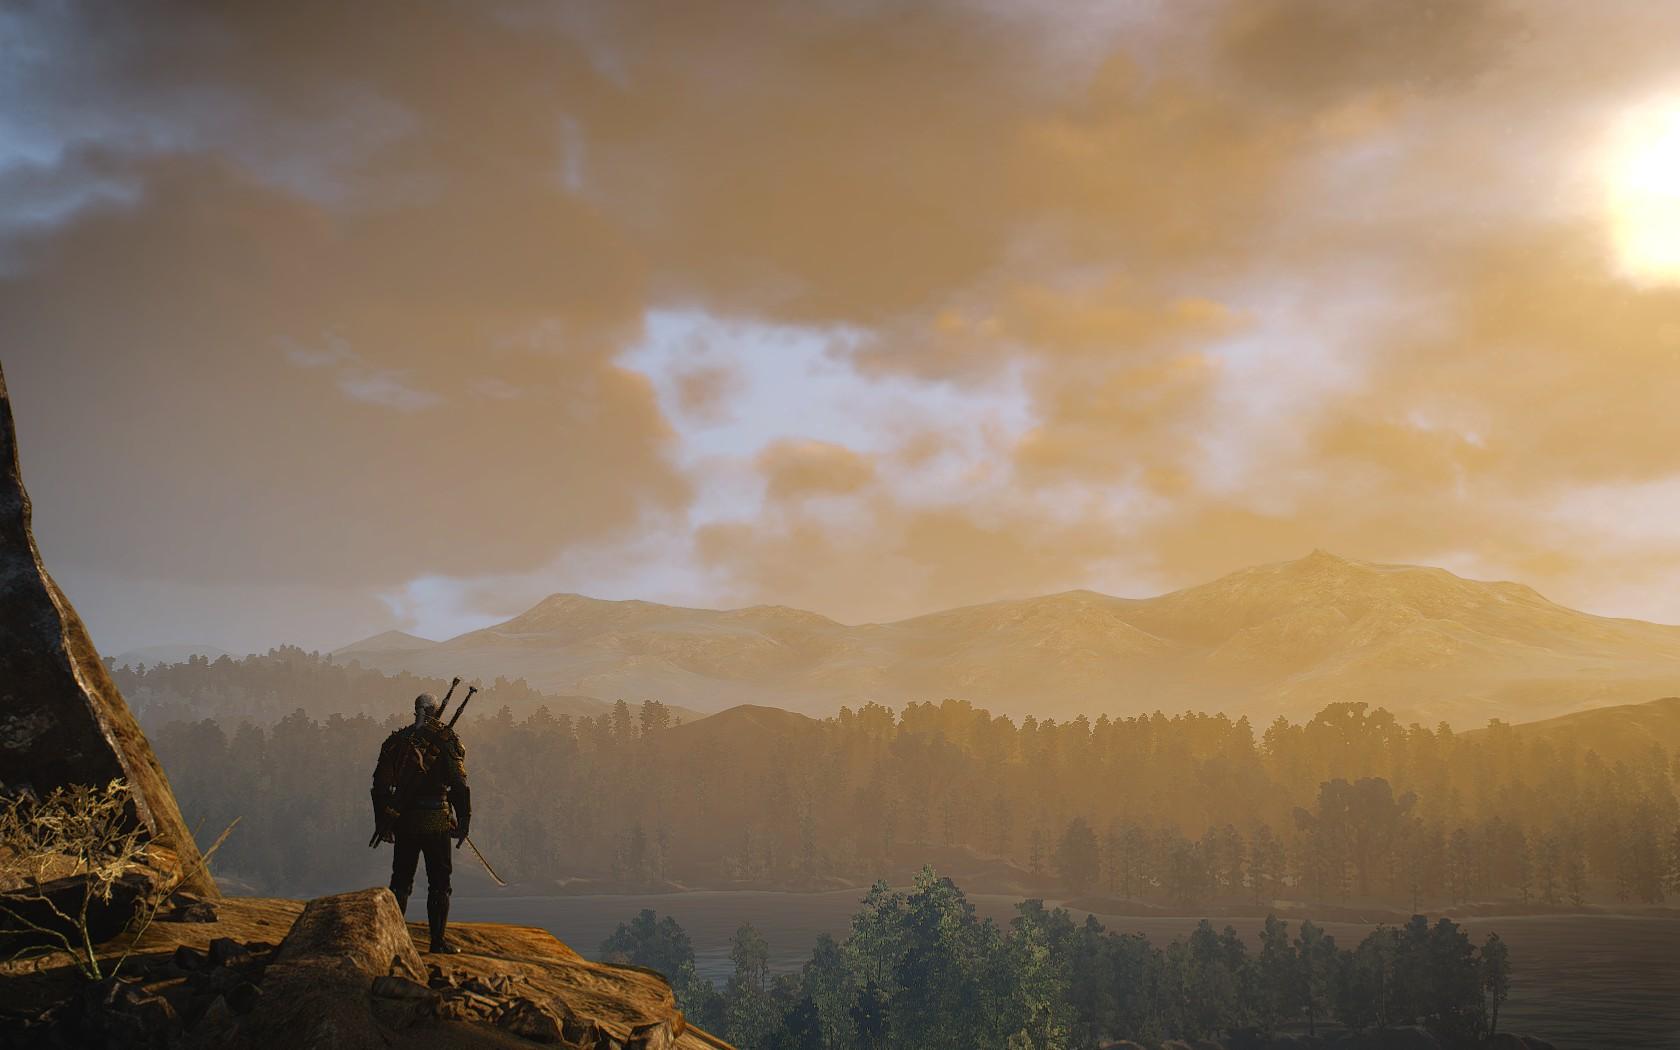 20190301224719_1.jpg - Witcher 3: Wild Hunt, the